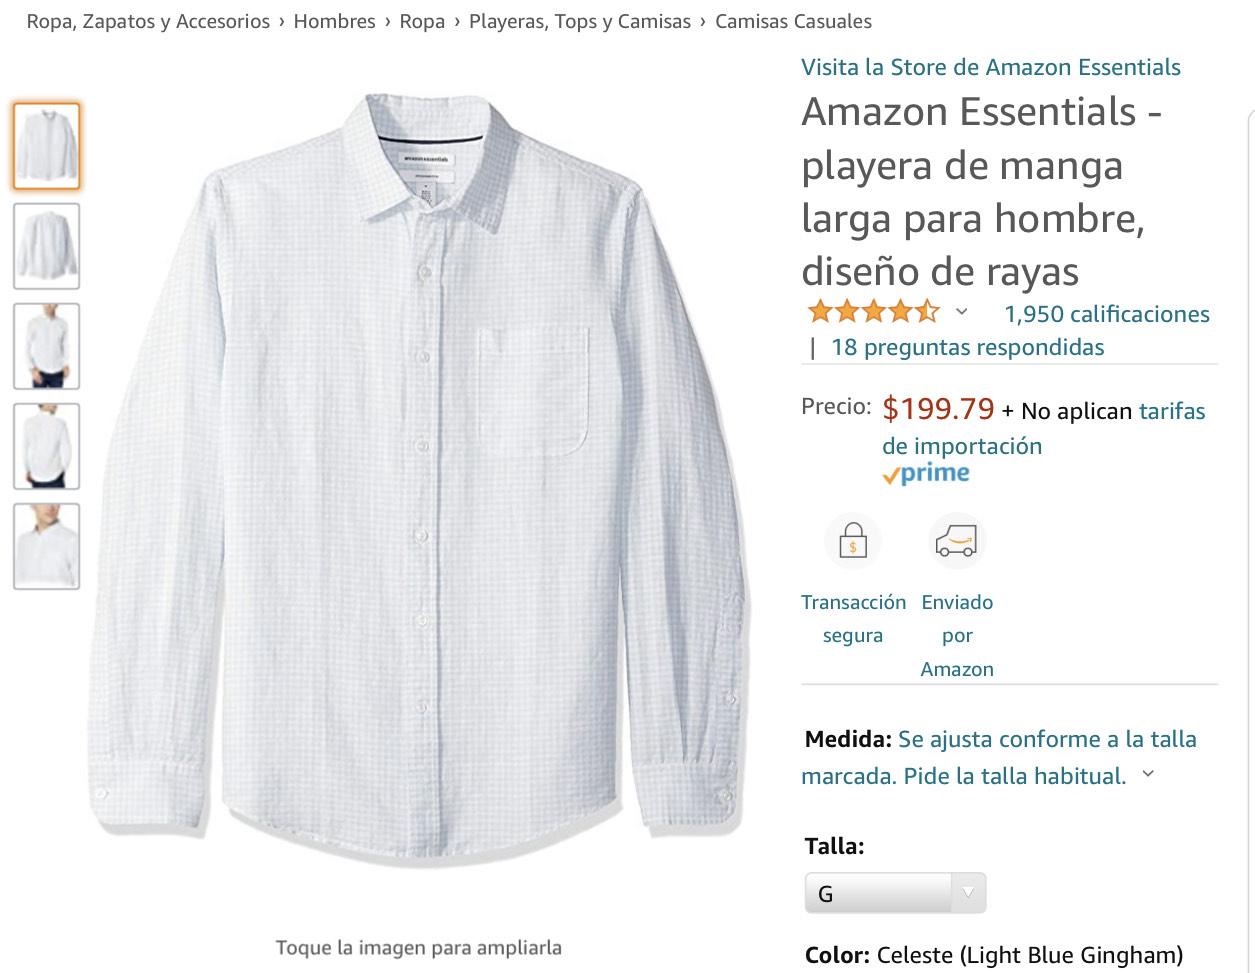 Amazon: Camisa Amazon Essentials Celeste. Aplica Prime. Talla L.